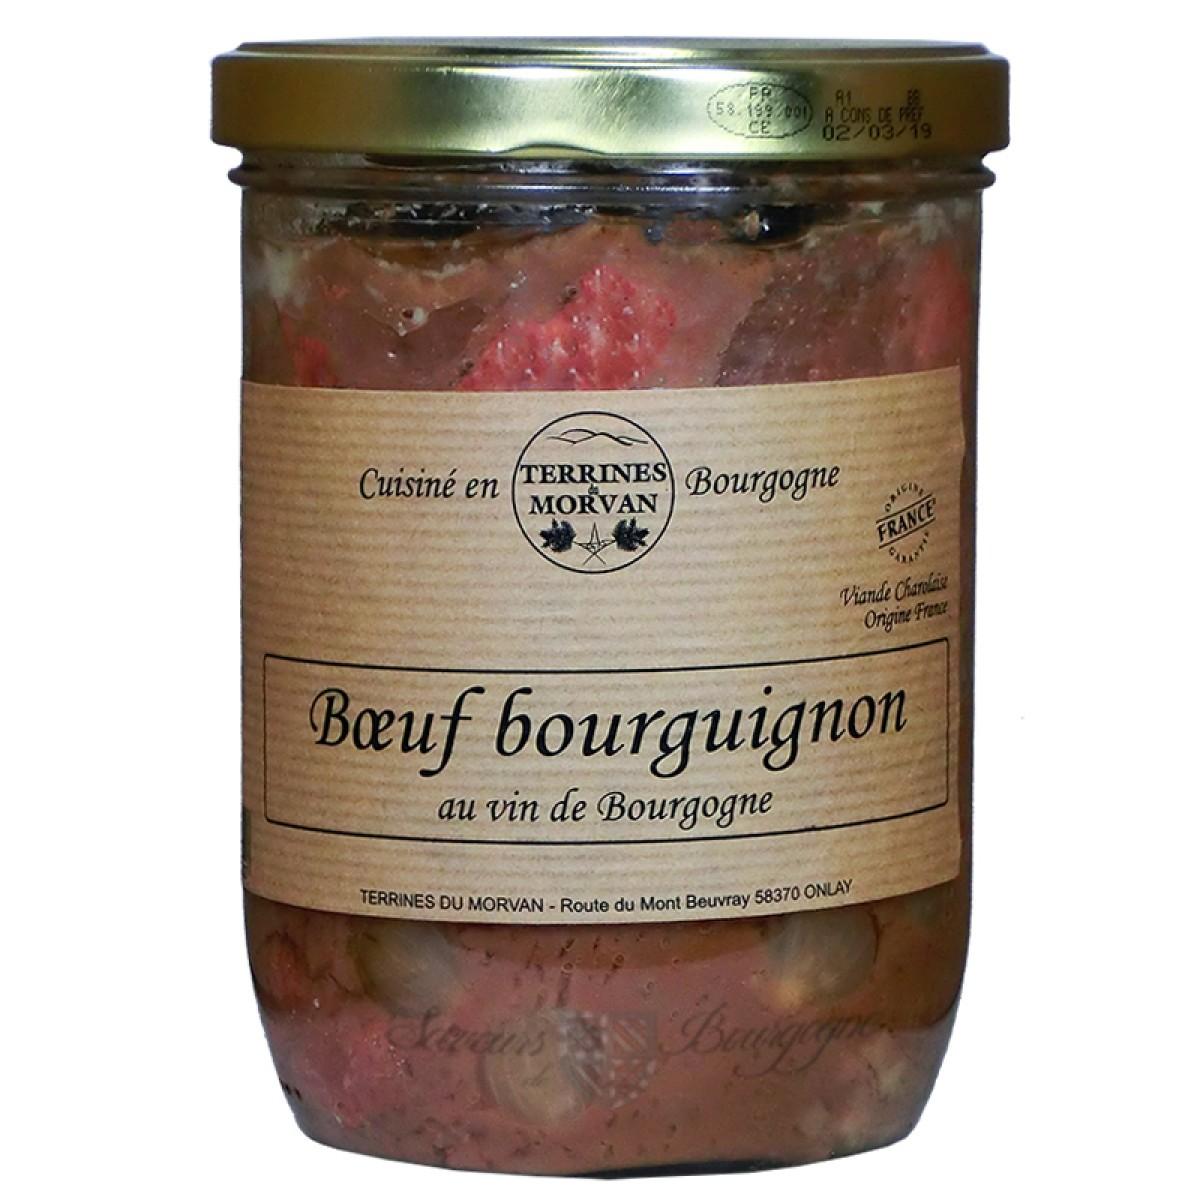 boeuf bourguignon au vin de bourgogne 750g saveurs de bourgogne vente de produits du terroir. Black Bedroom Furniture Sets. Home Design Ideas